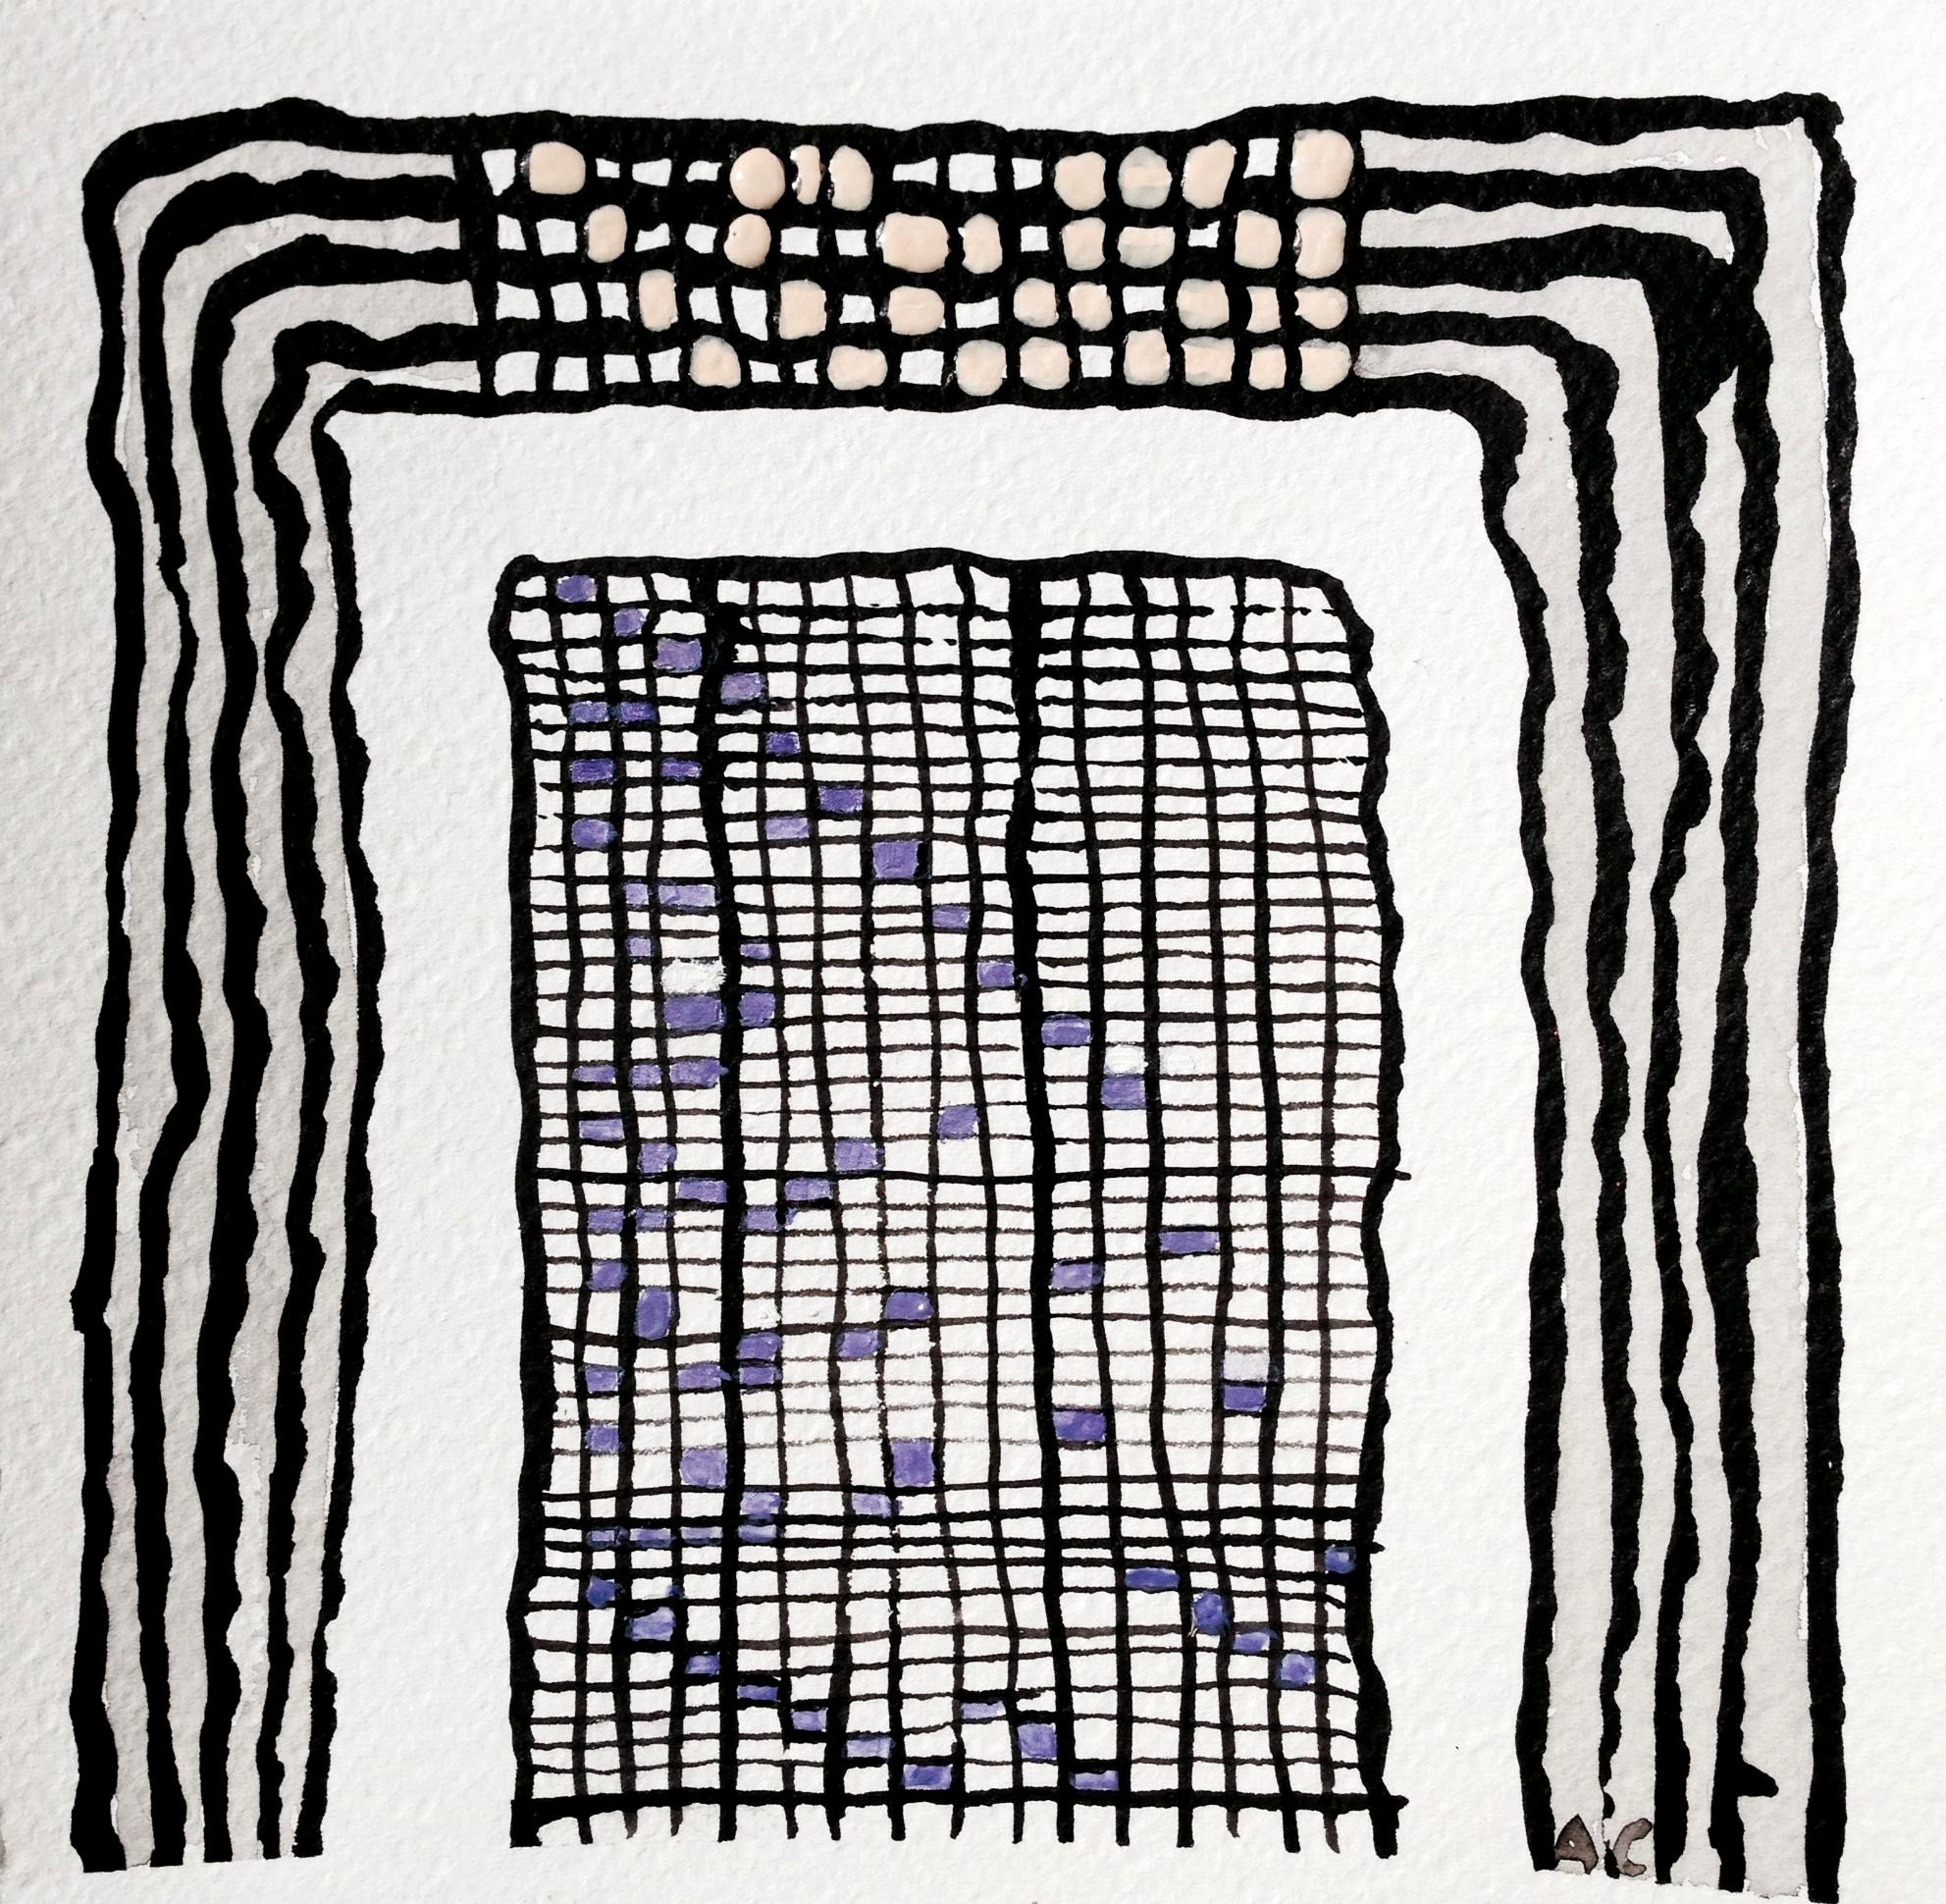 André Clouâtre, Indépendance parfaite, Encre et acrylique sur papier, 18 x 18 cm (7'' x 7''), 2014